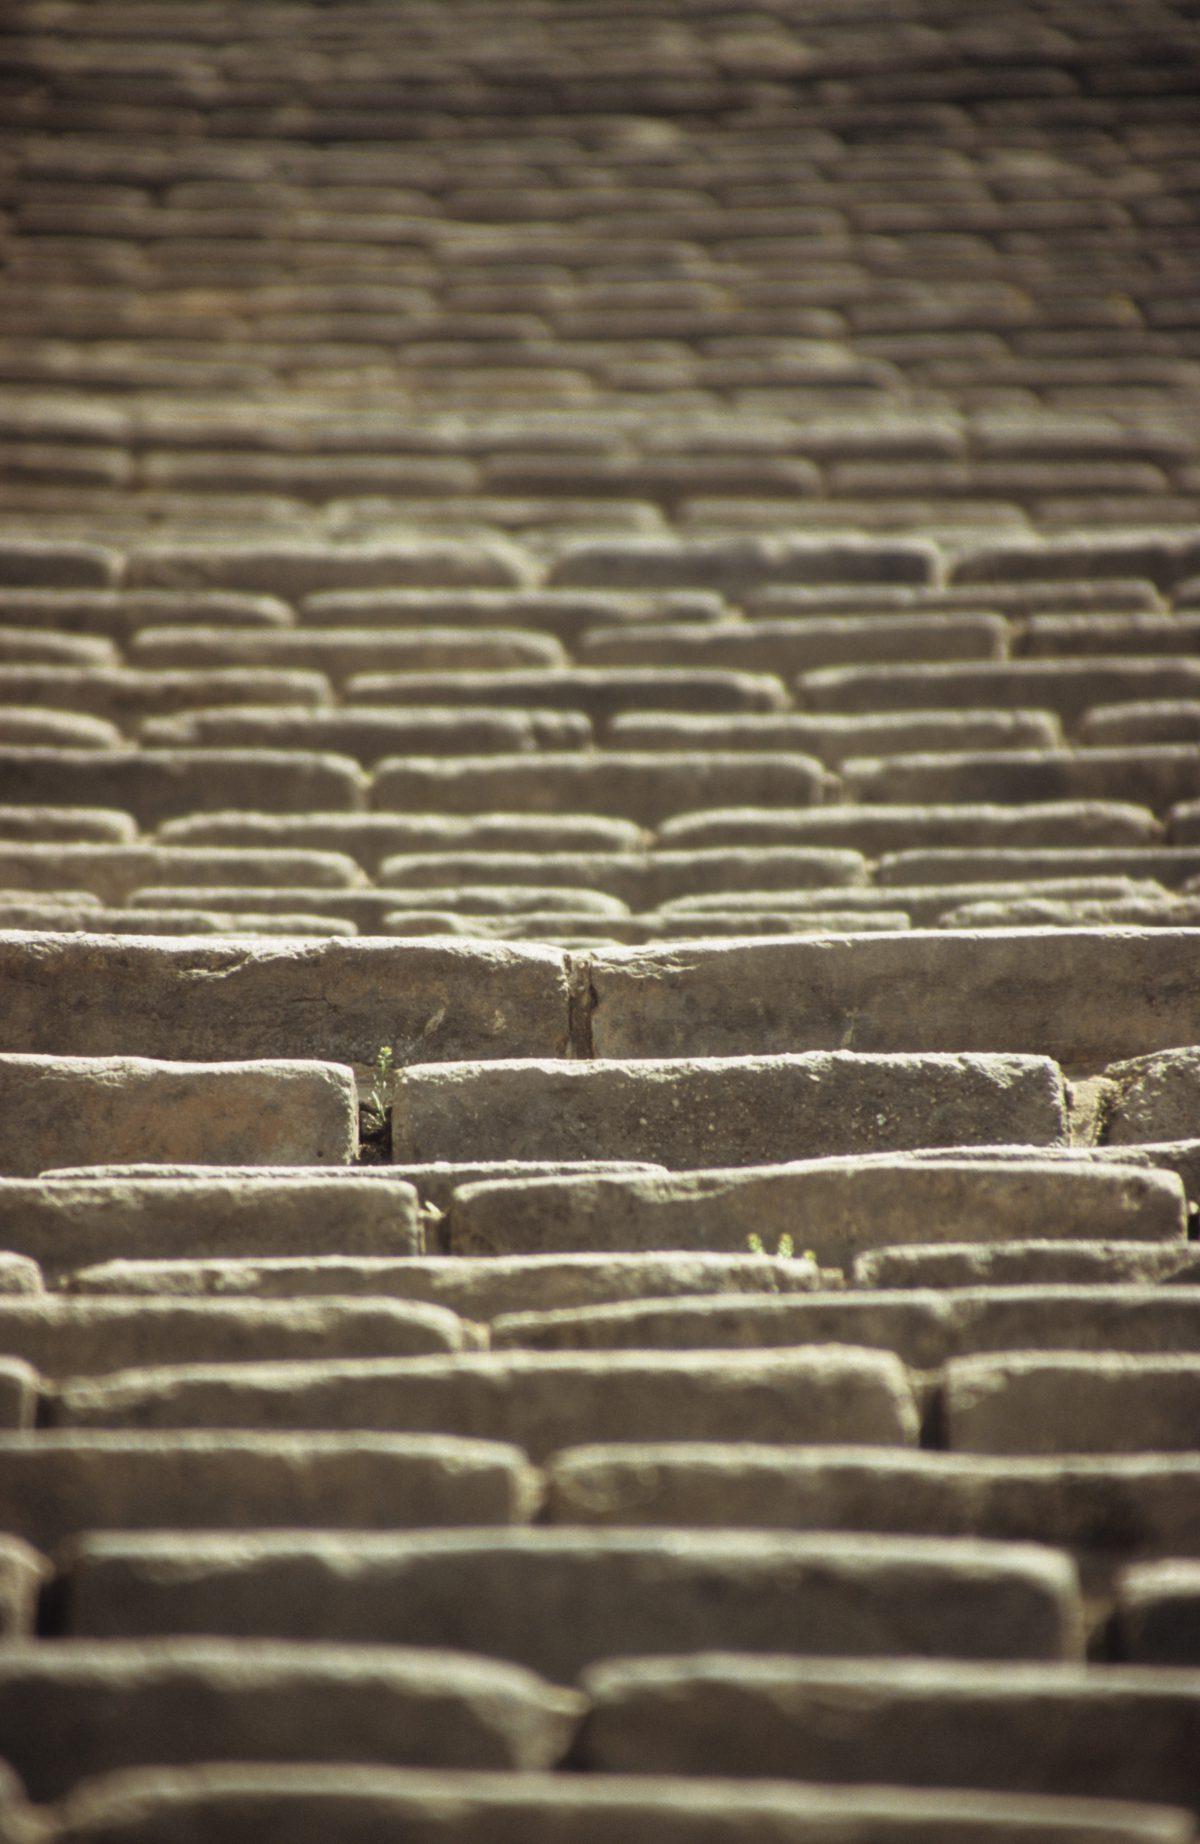 Steep Steps - Great Wall at Simatai, landmark, stair, abstract, many, pattern